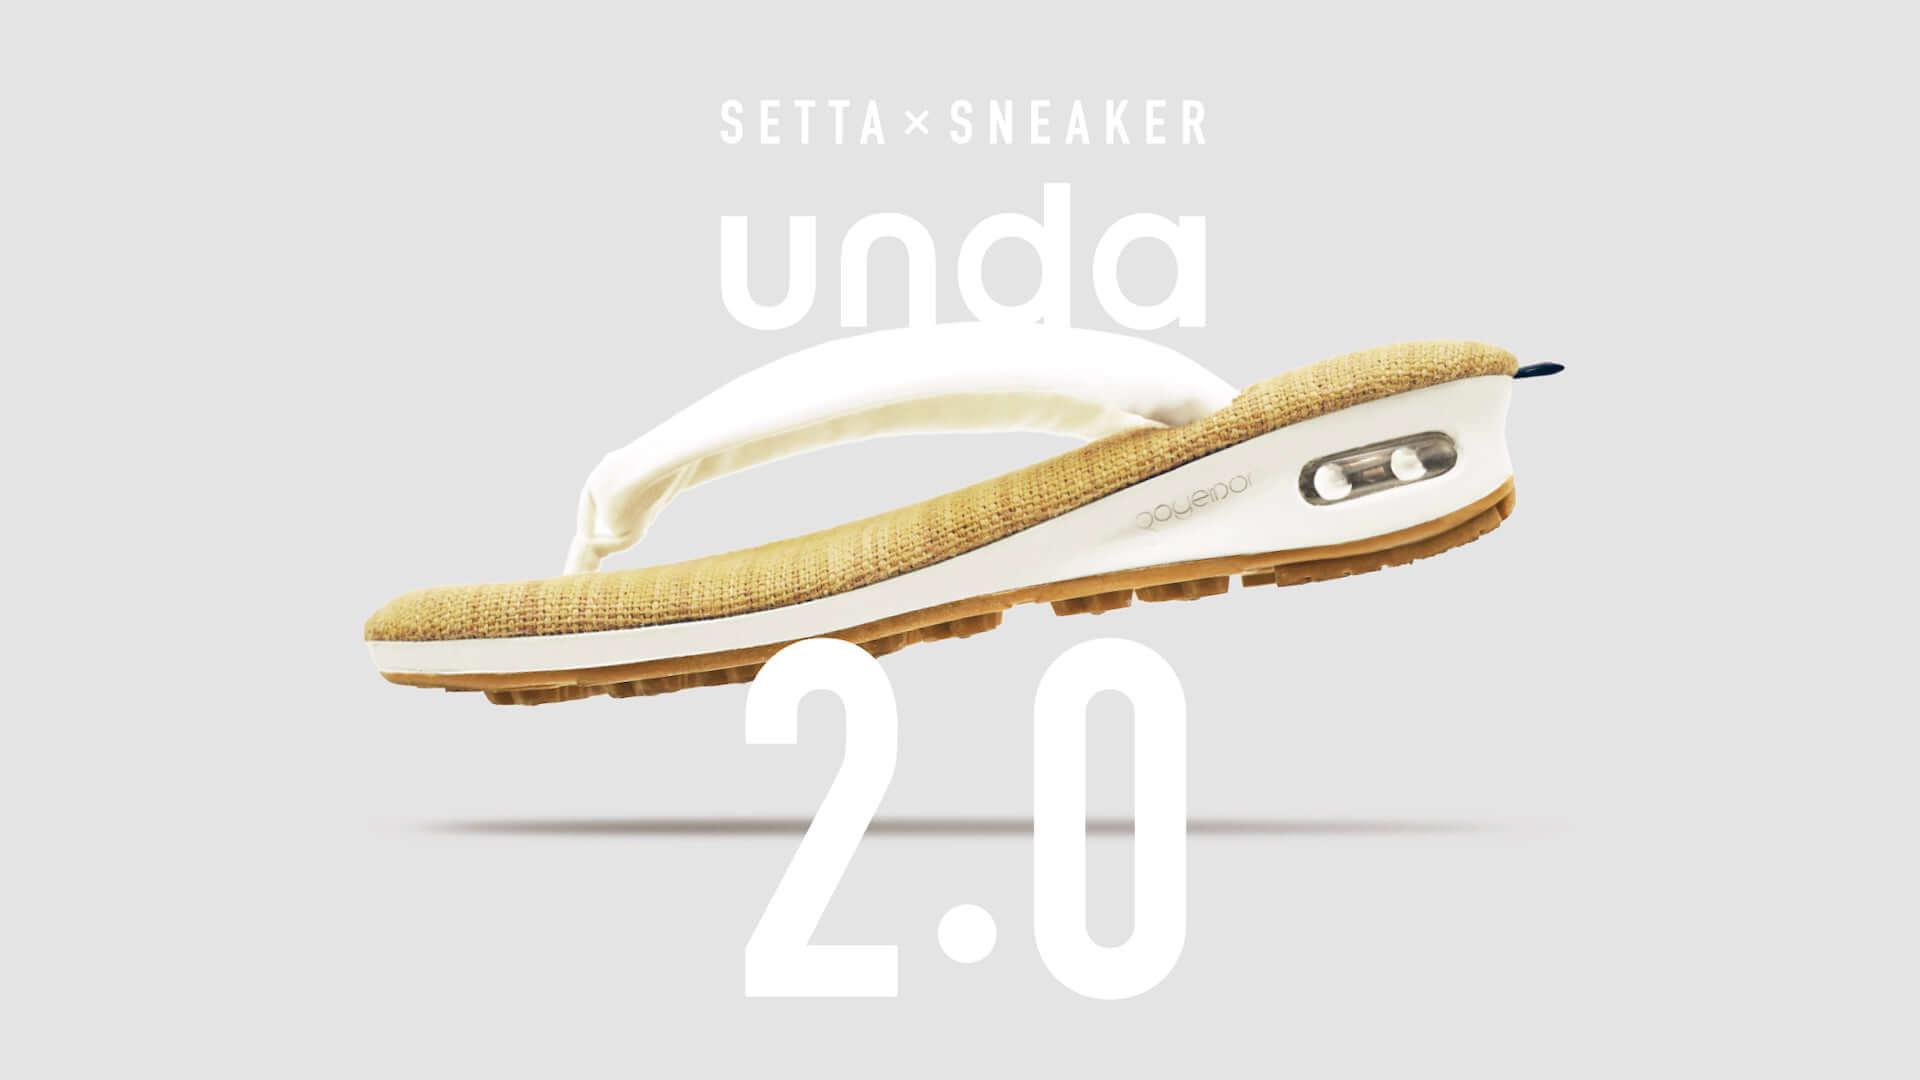 雪駄とスニーカーが融合したフットウェア『unda-雲駄-』がアップデート!約25%軽量化した新モデル『unda 2.0』が発売決定 lf210224_unda2_3-1920x1080